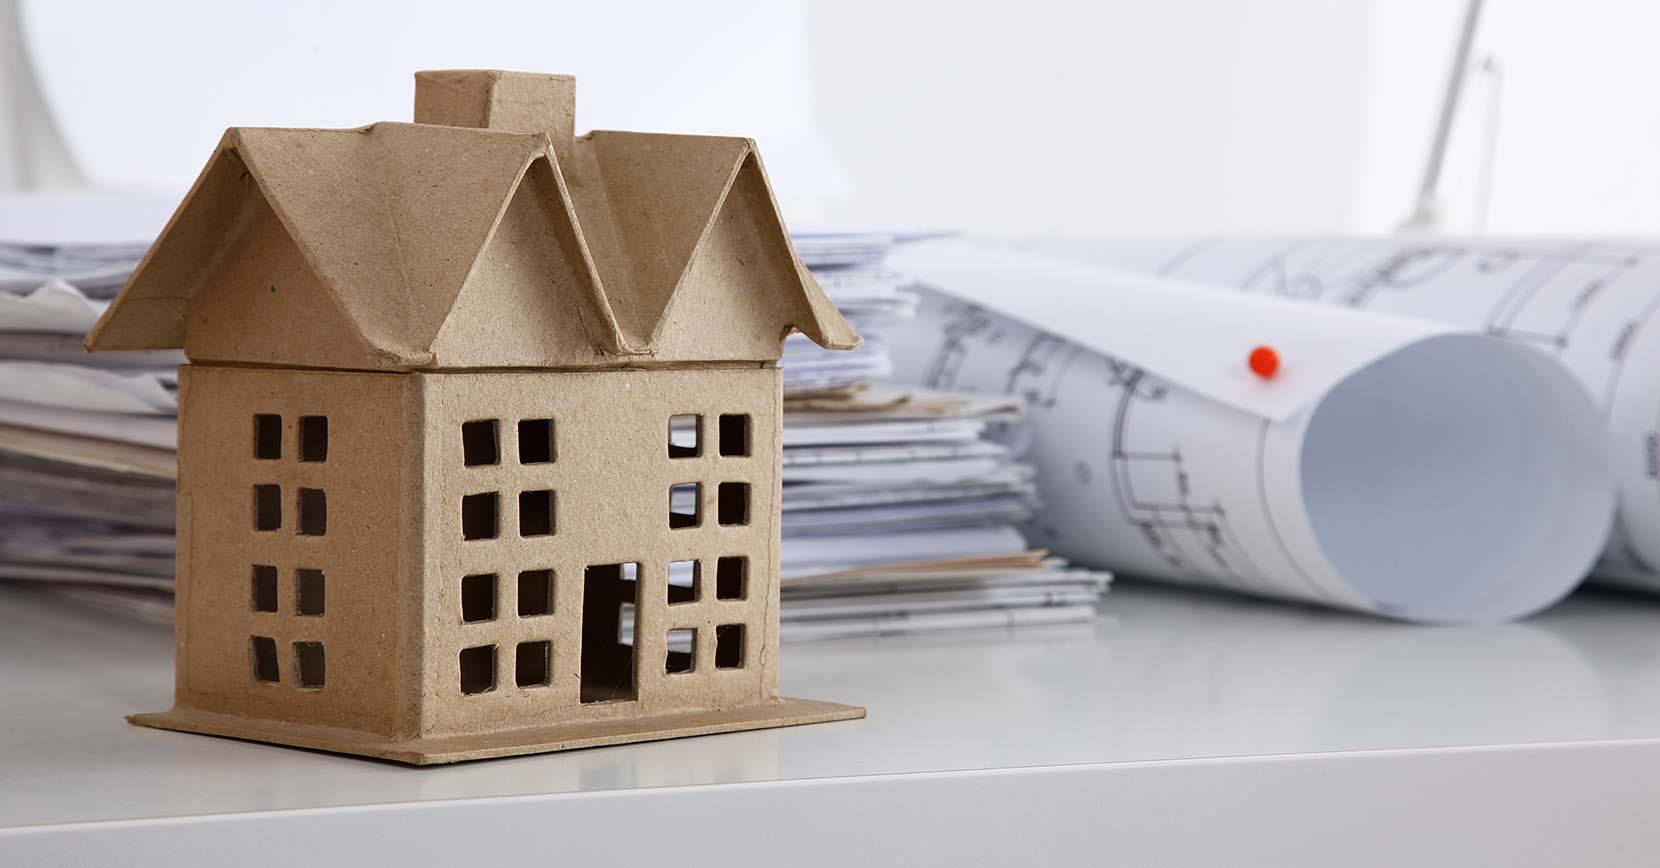 mandat hypothecaire